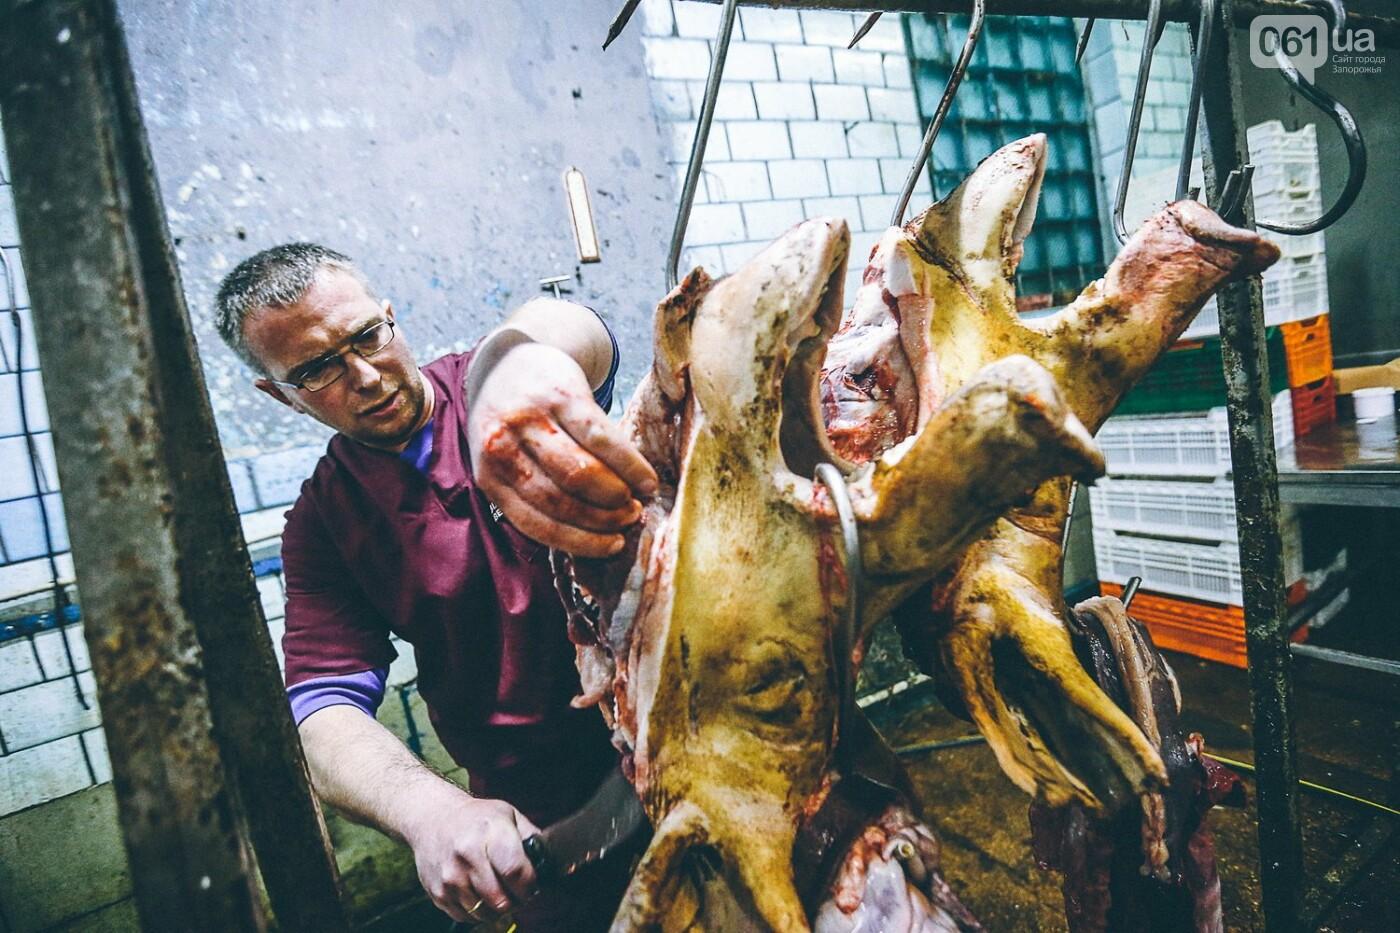 Забой скота в Украине приходит к европейским стандартам - ФОТОРЕПОРТАЖ 18+, фото-16